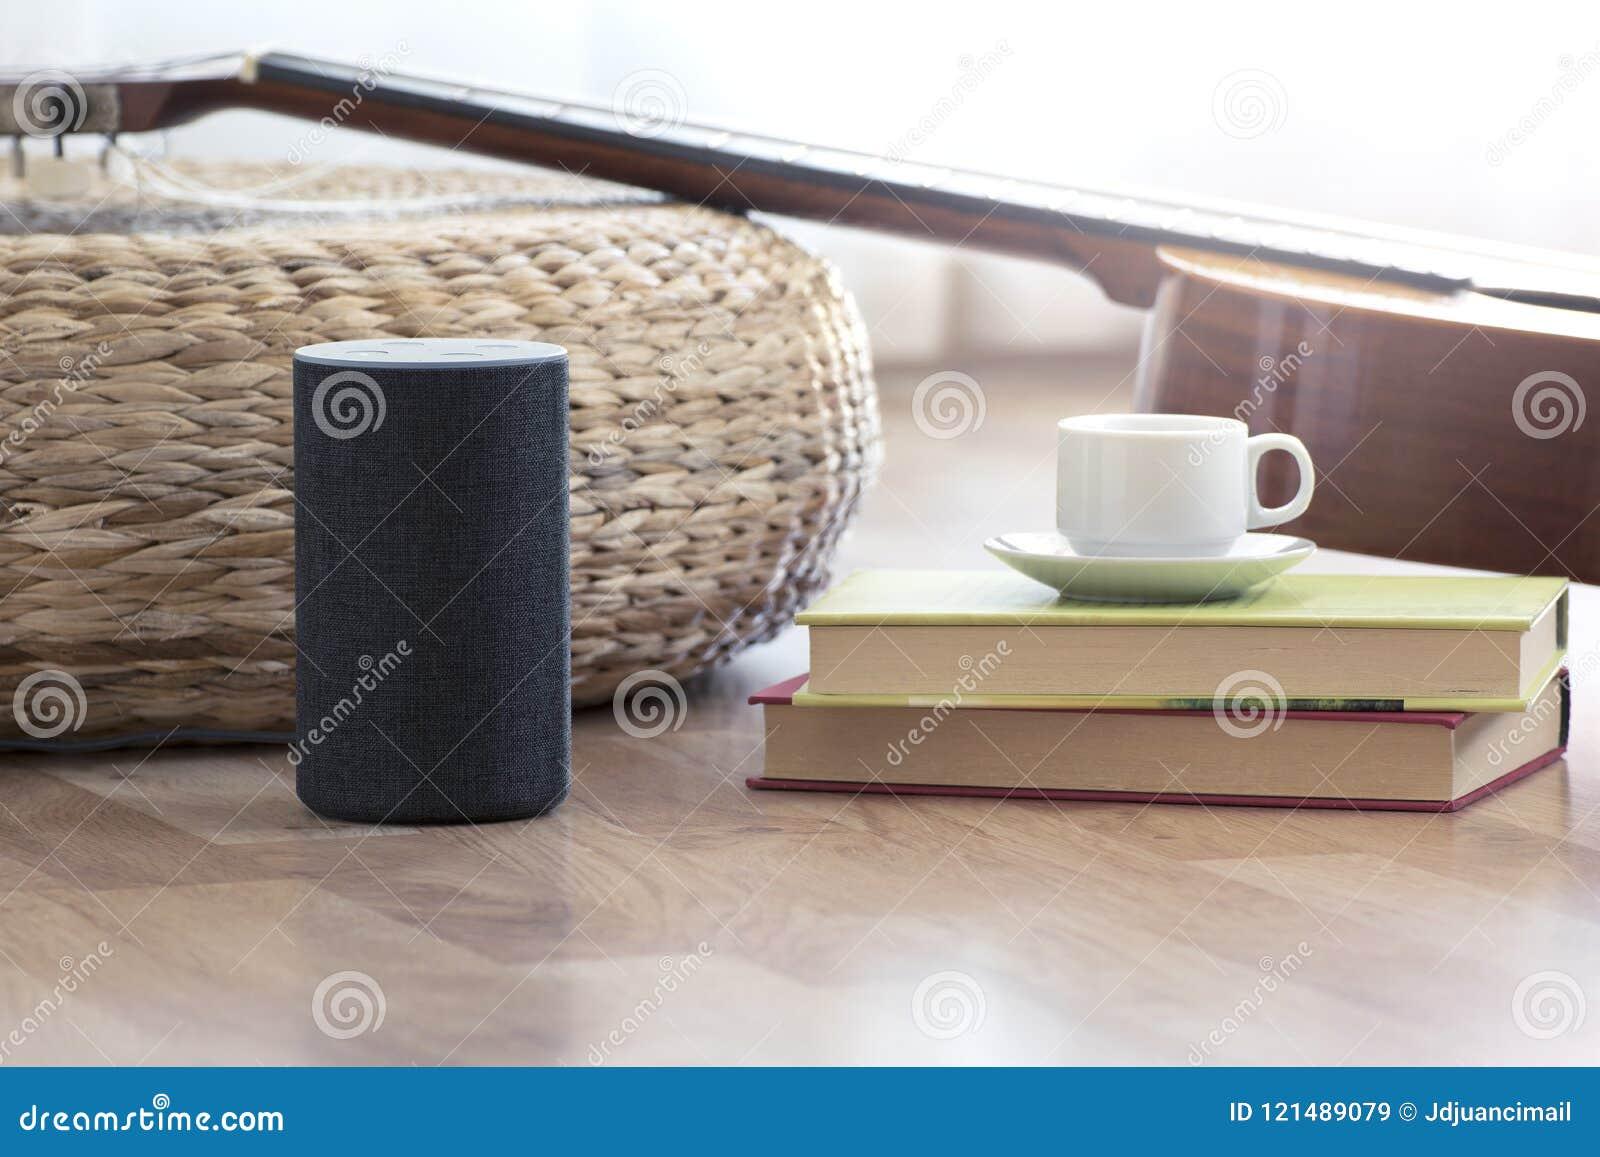 Altavoz del ayudante personal en un piso de madera de una sala de estar casera elegante Después, una guitarra y algunos libros y